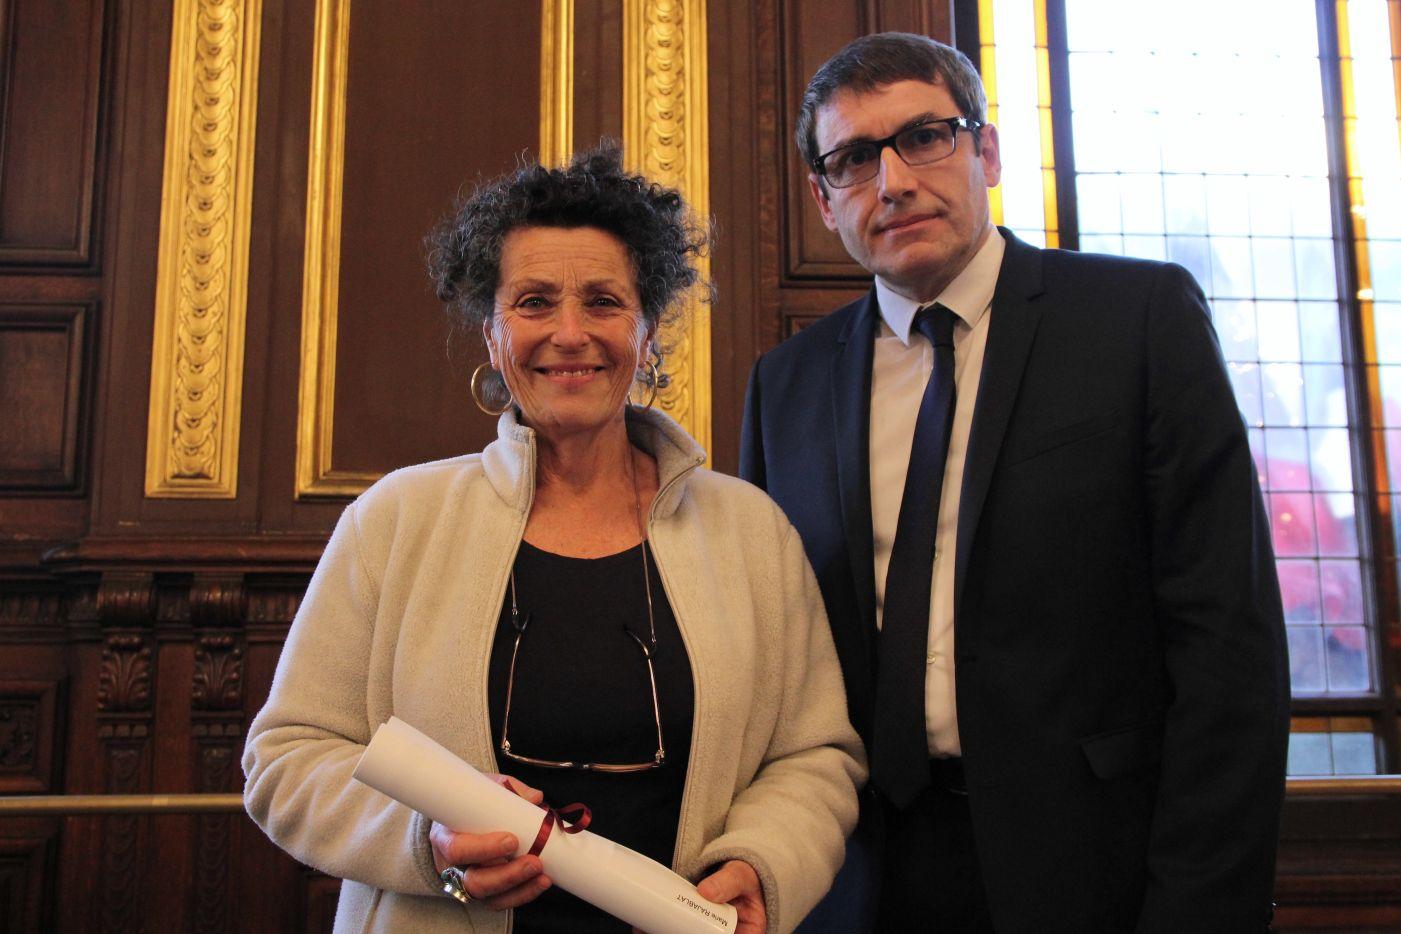 Marie Rajablat, infirmière psy, reçoit le Prix Seligman contre le racisme